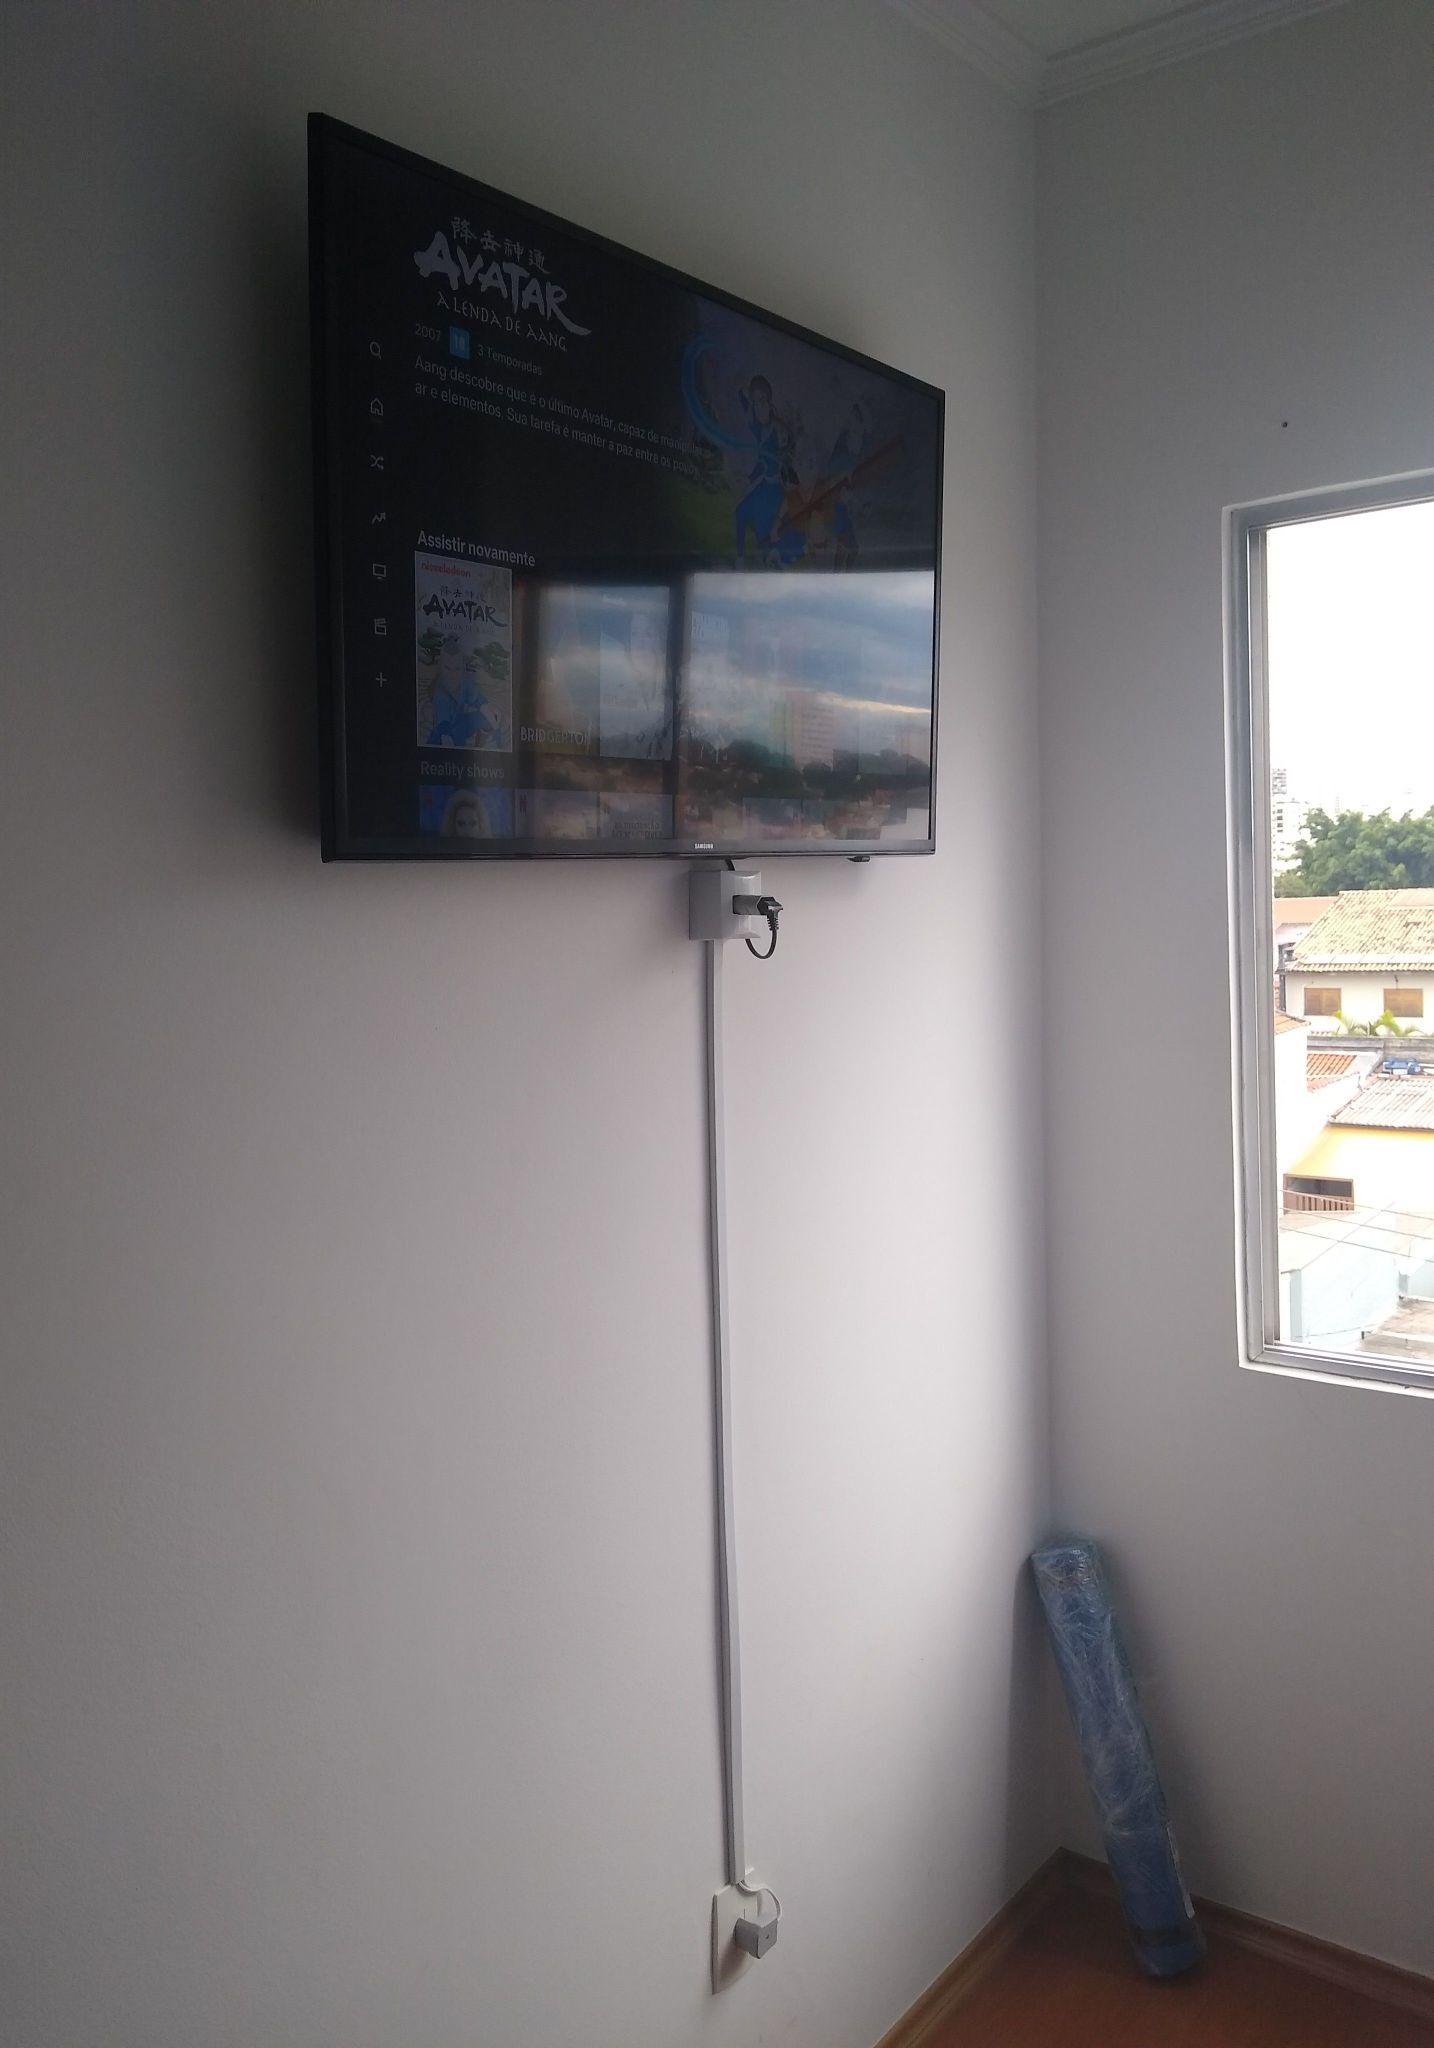 instalação de suporte de TV e extensor de tomada